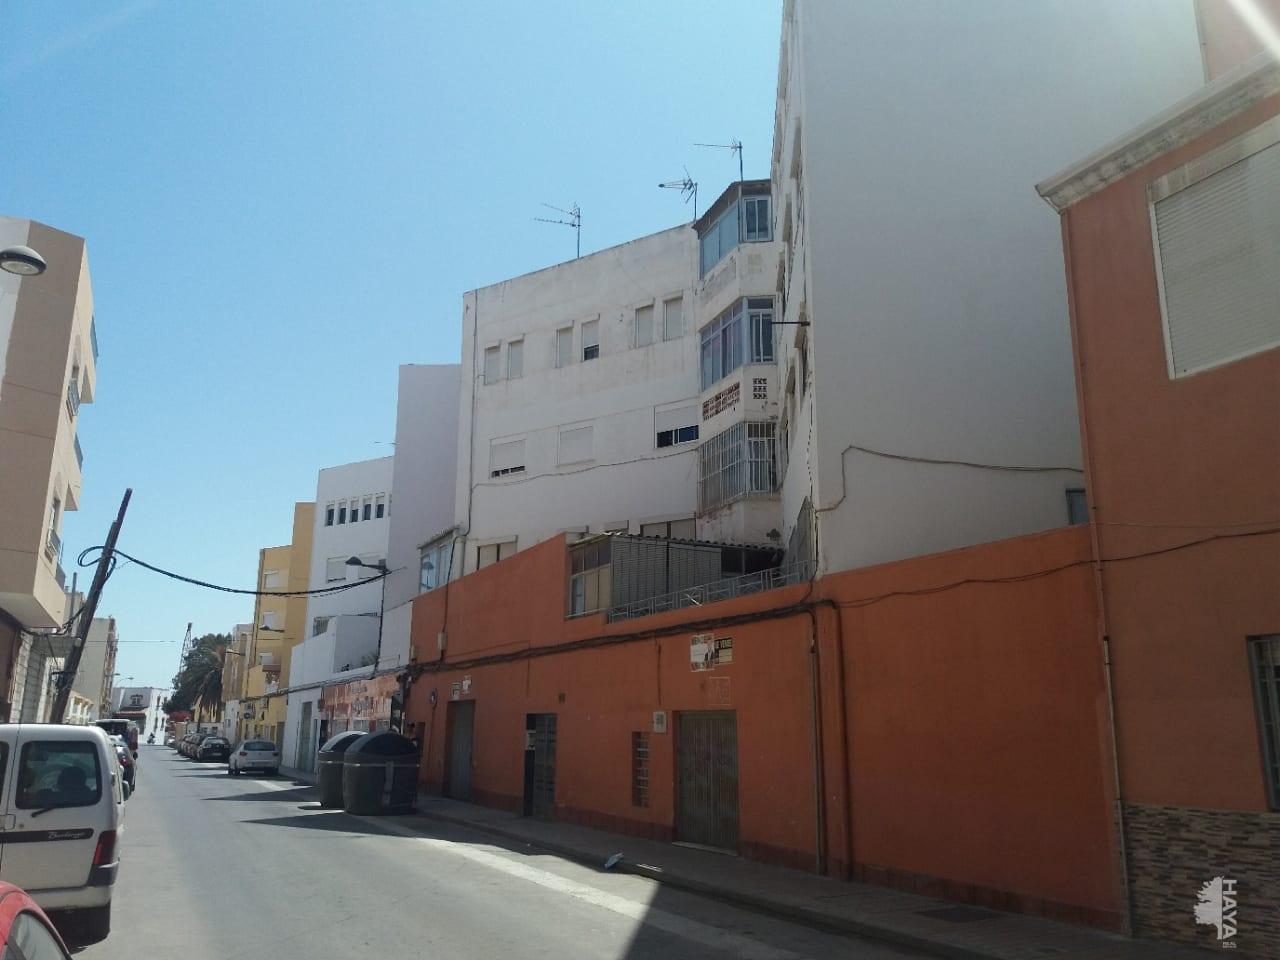 Piso en venta en Los Molinos, Almería, Almería, Carretera del Mami, 62.580 €, 3 habitaciones, 2 baños, 92 m2